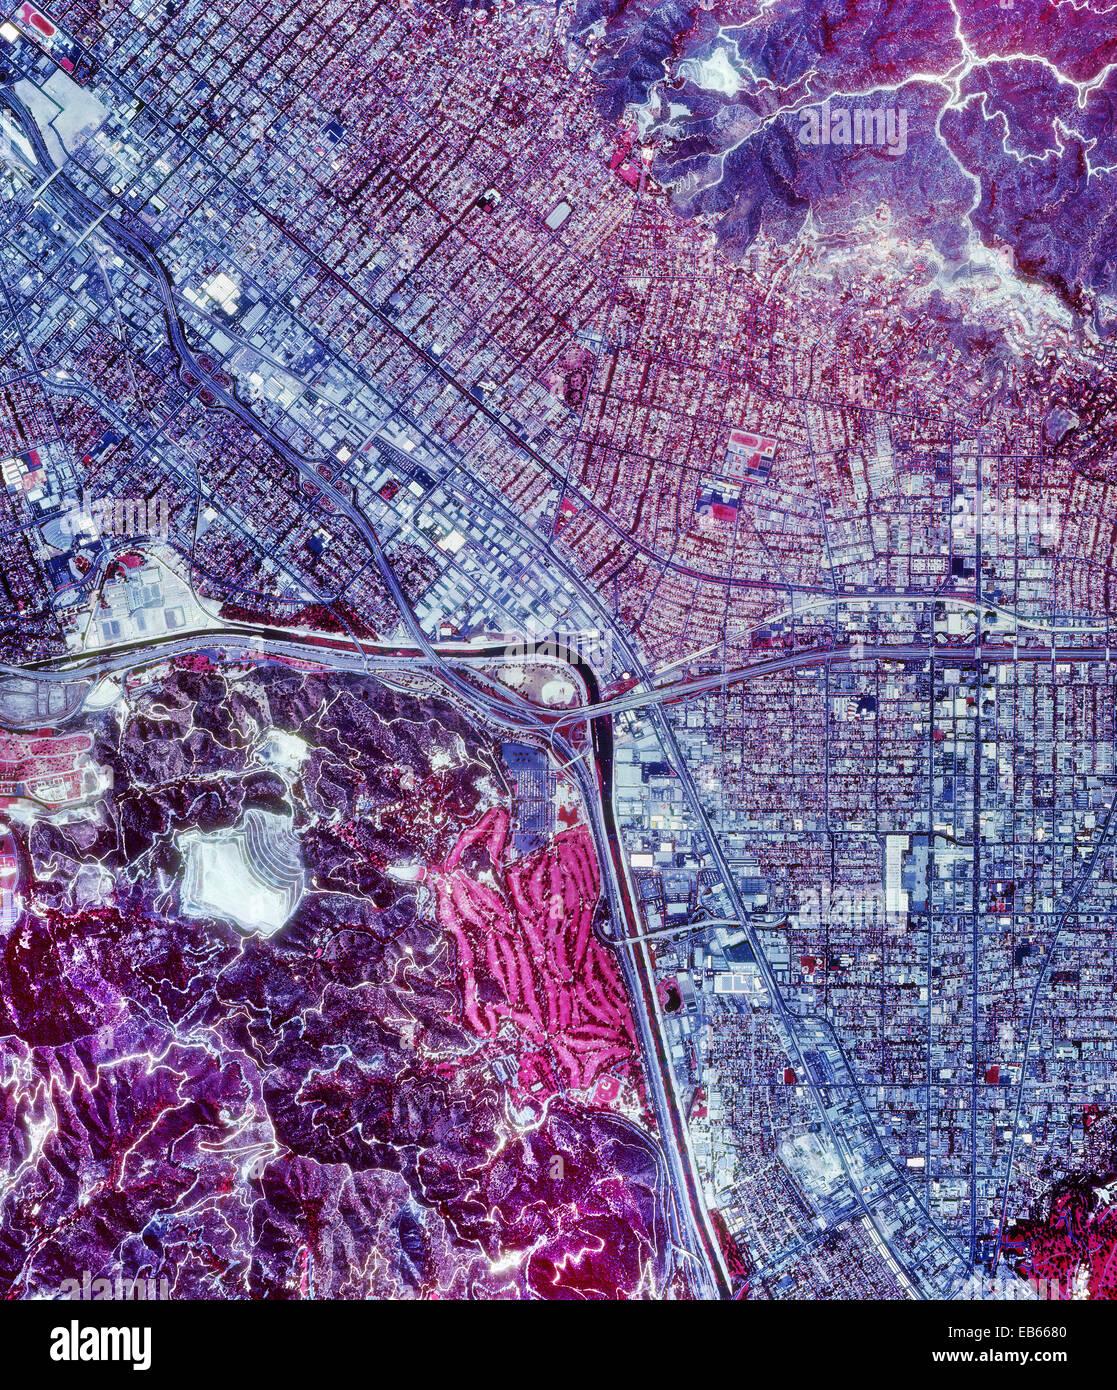 historische Infrarot-Luftaufnahme von Burbank, Kalifornien, 1989 Stockbild